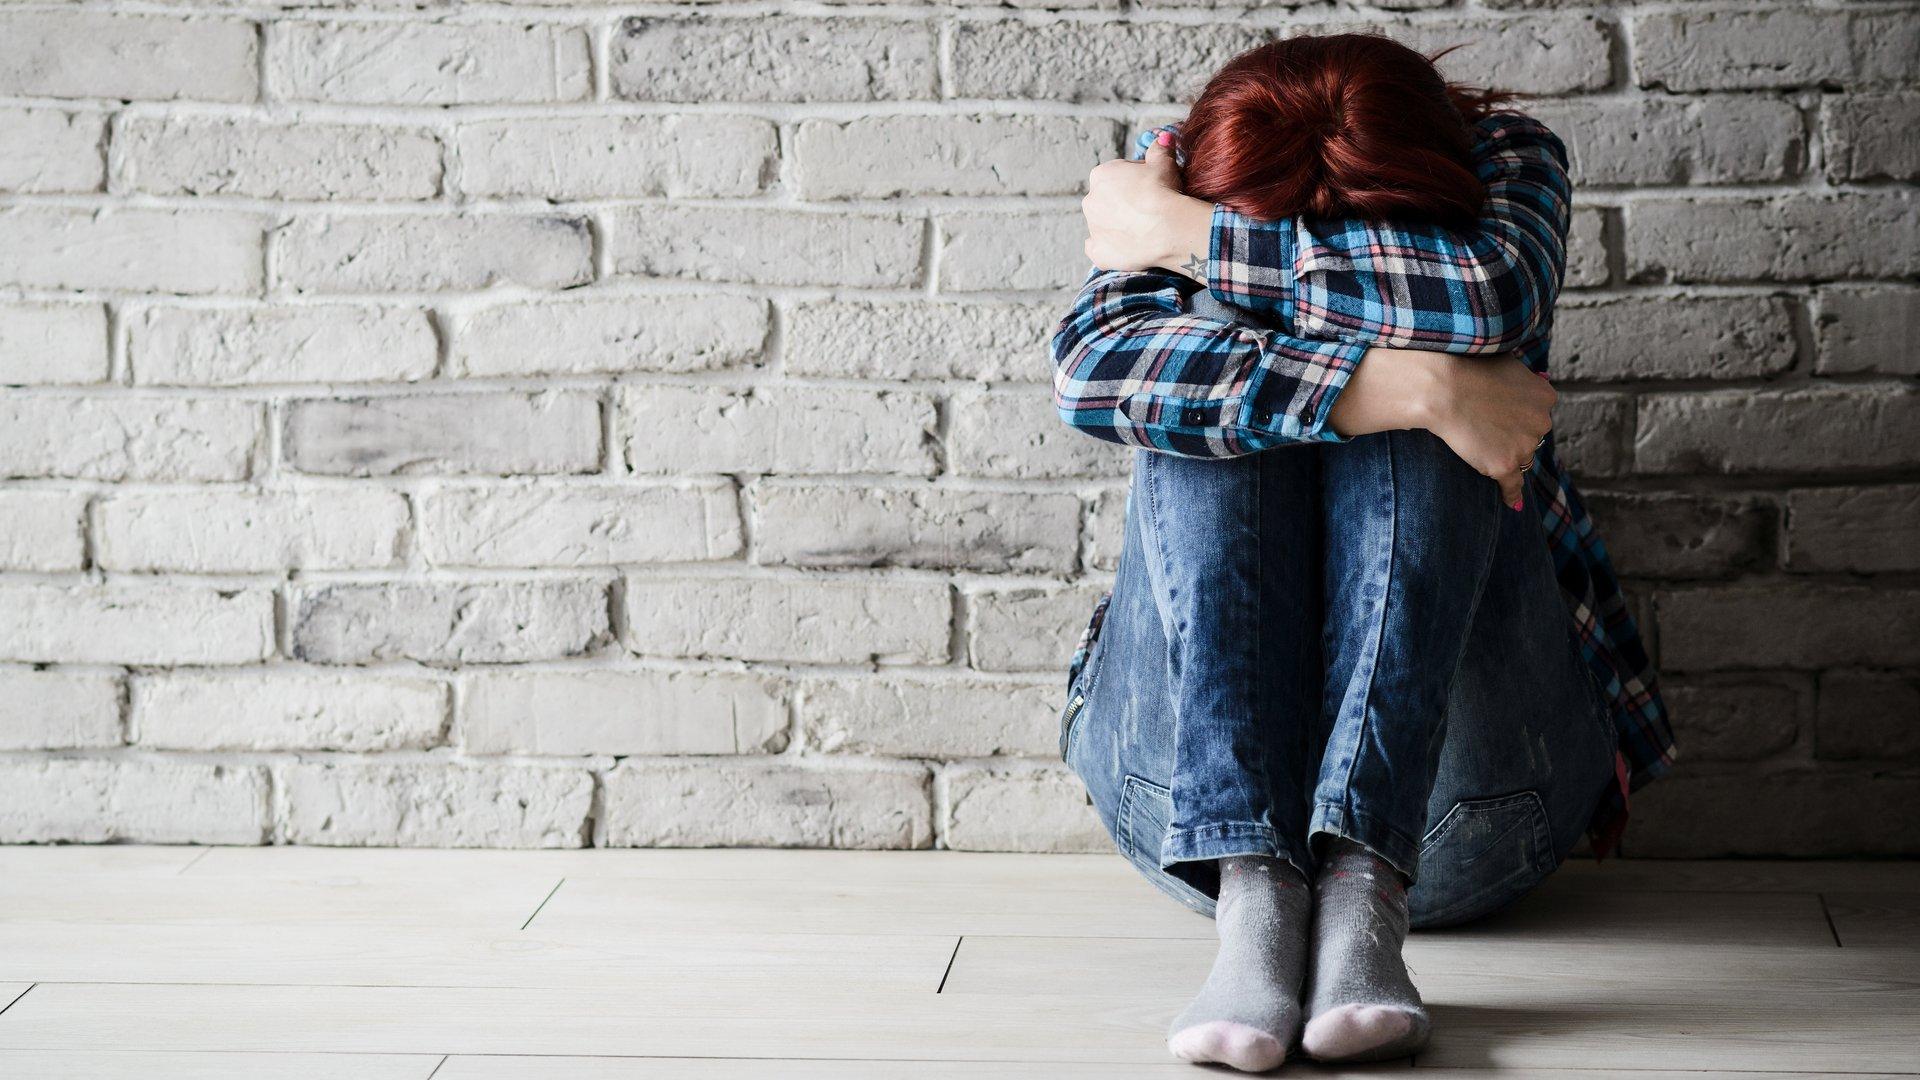 Seelischer grausamkeit verklagen wegen eltern Kinder enterben